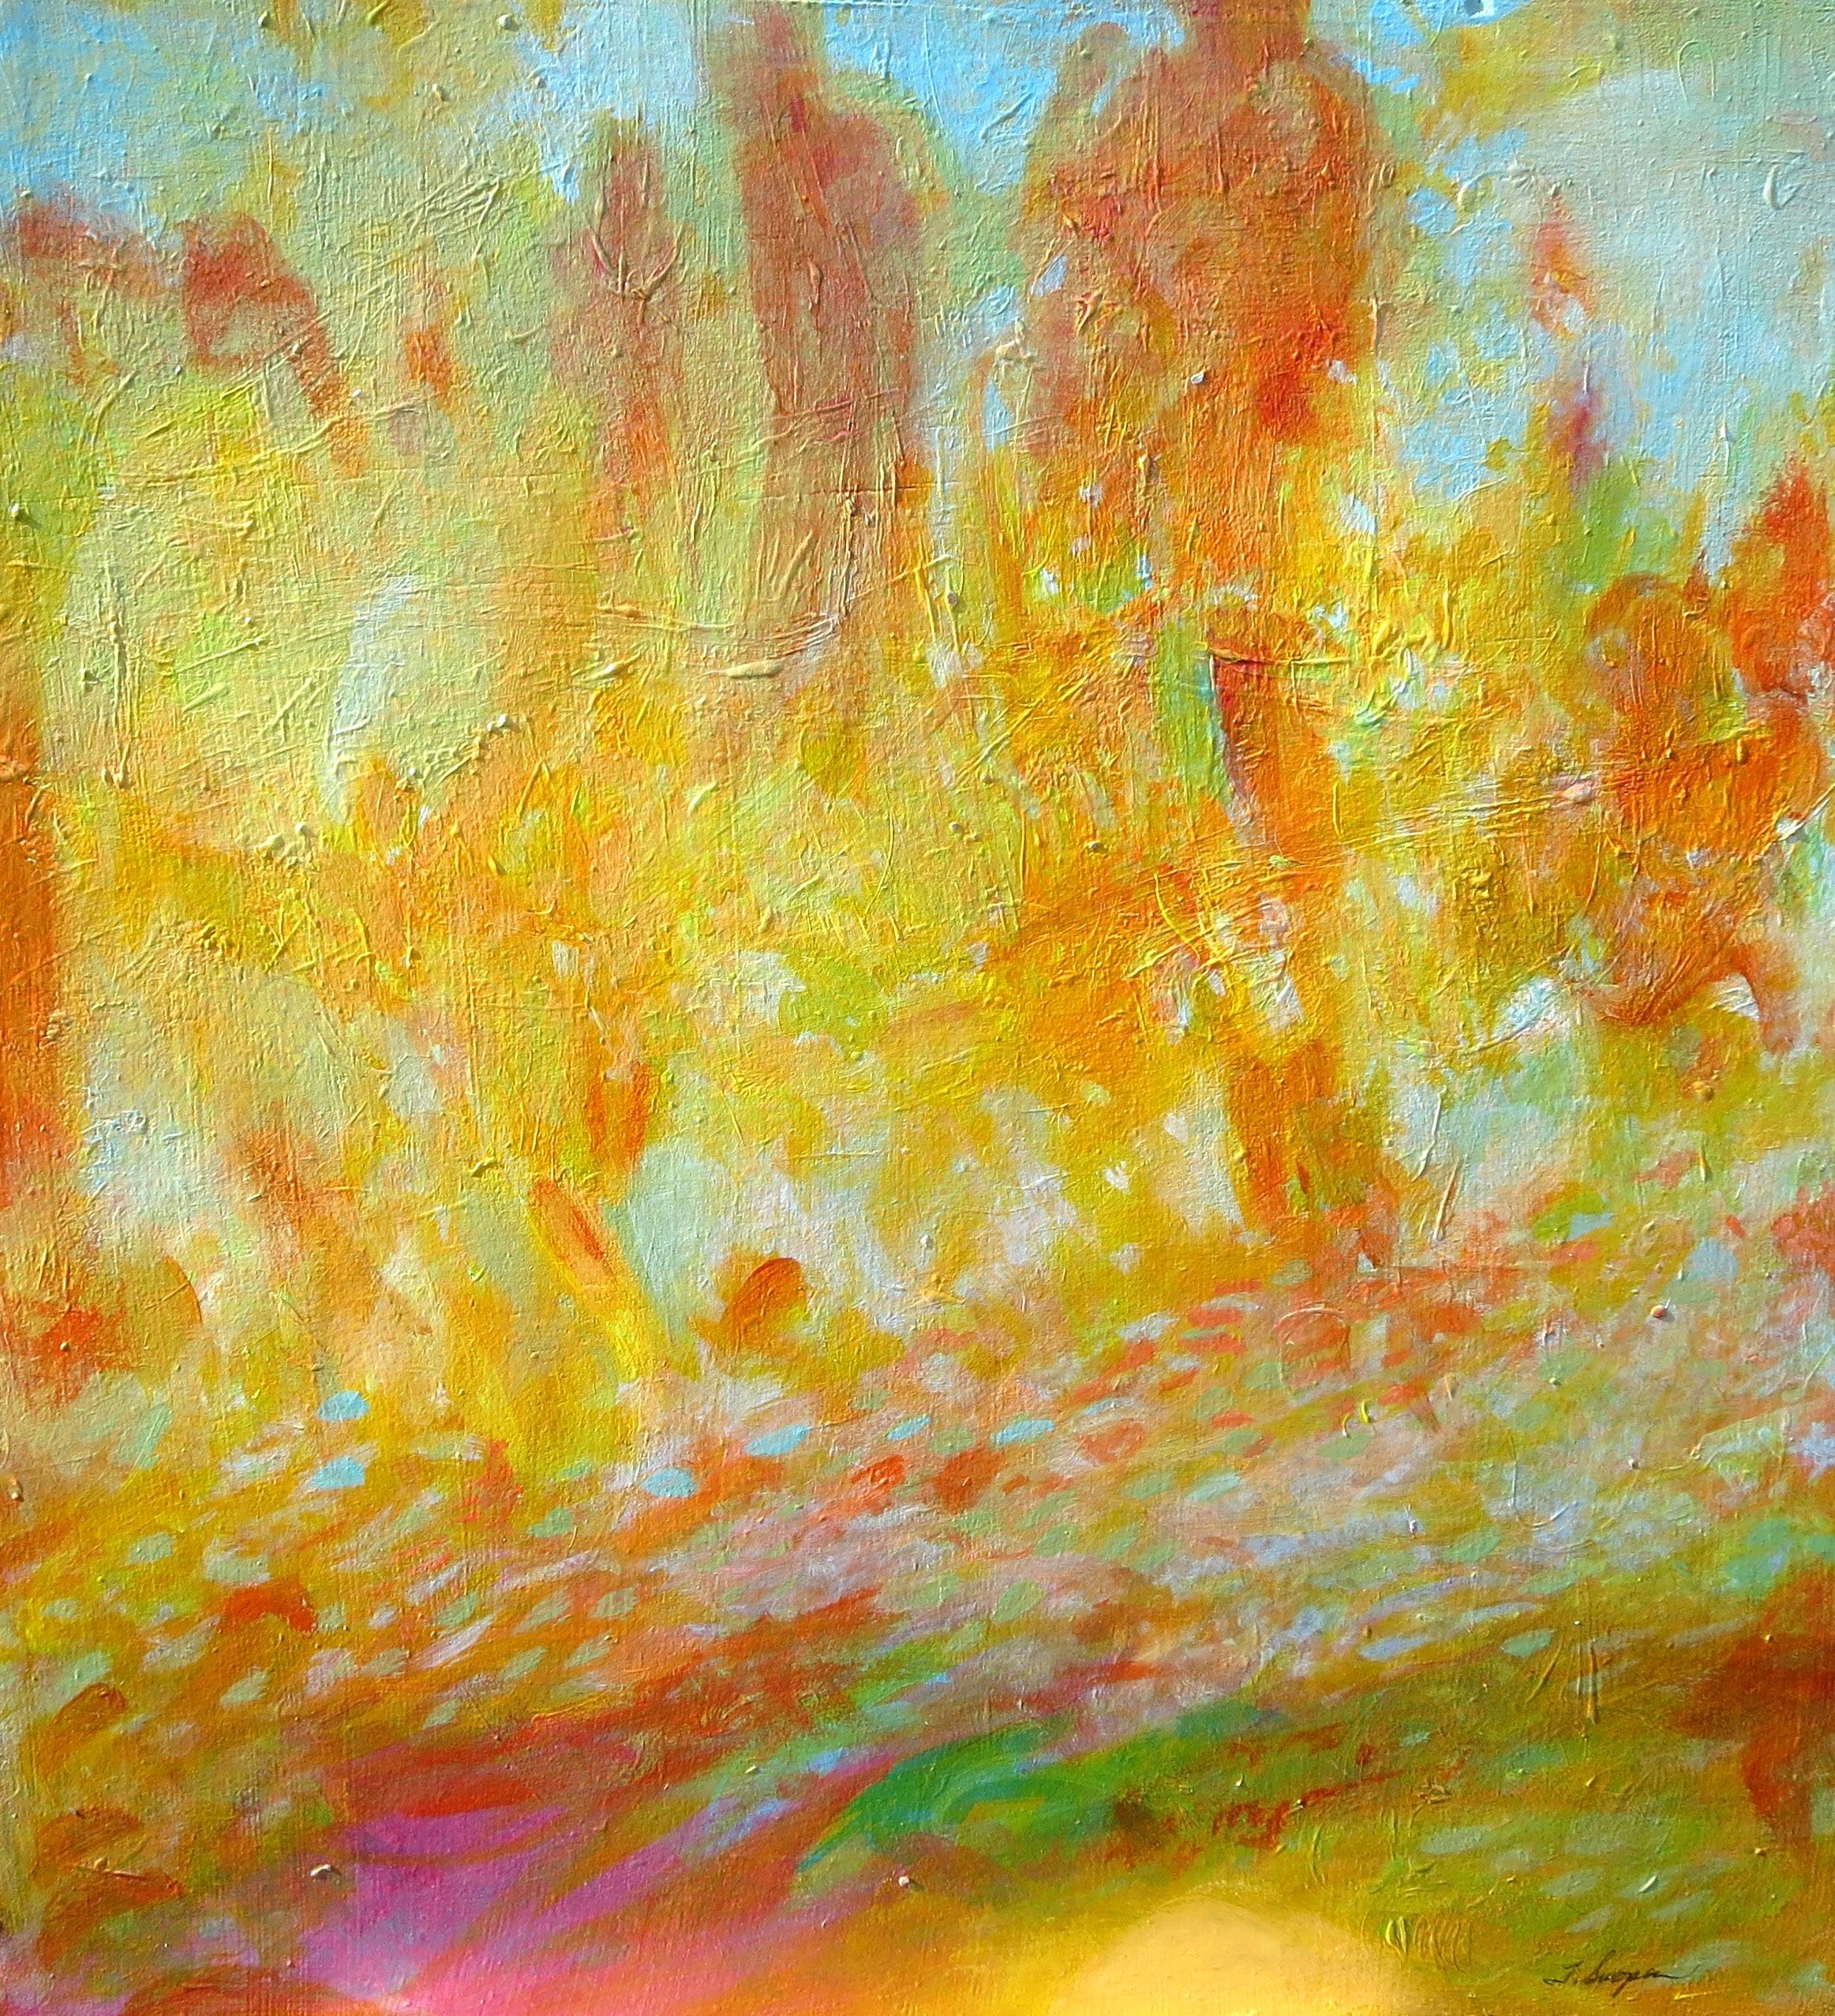 Memory, acrylic on panel, 15 x 15, 2015